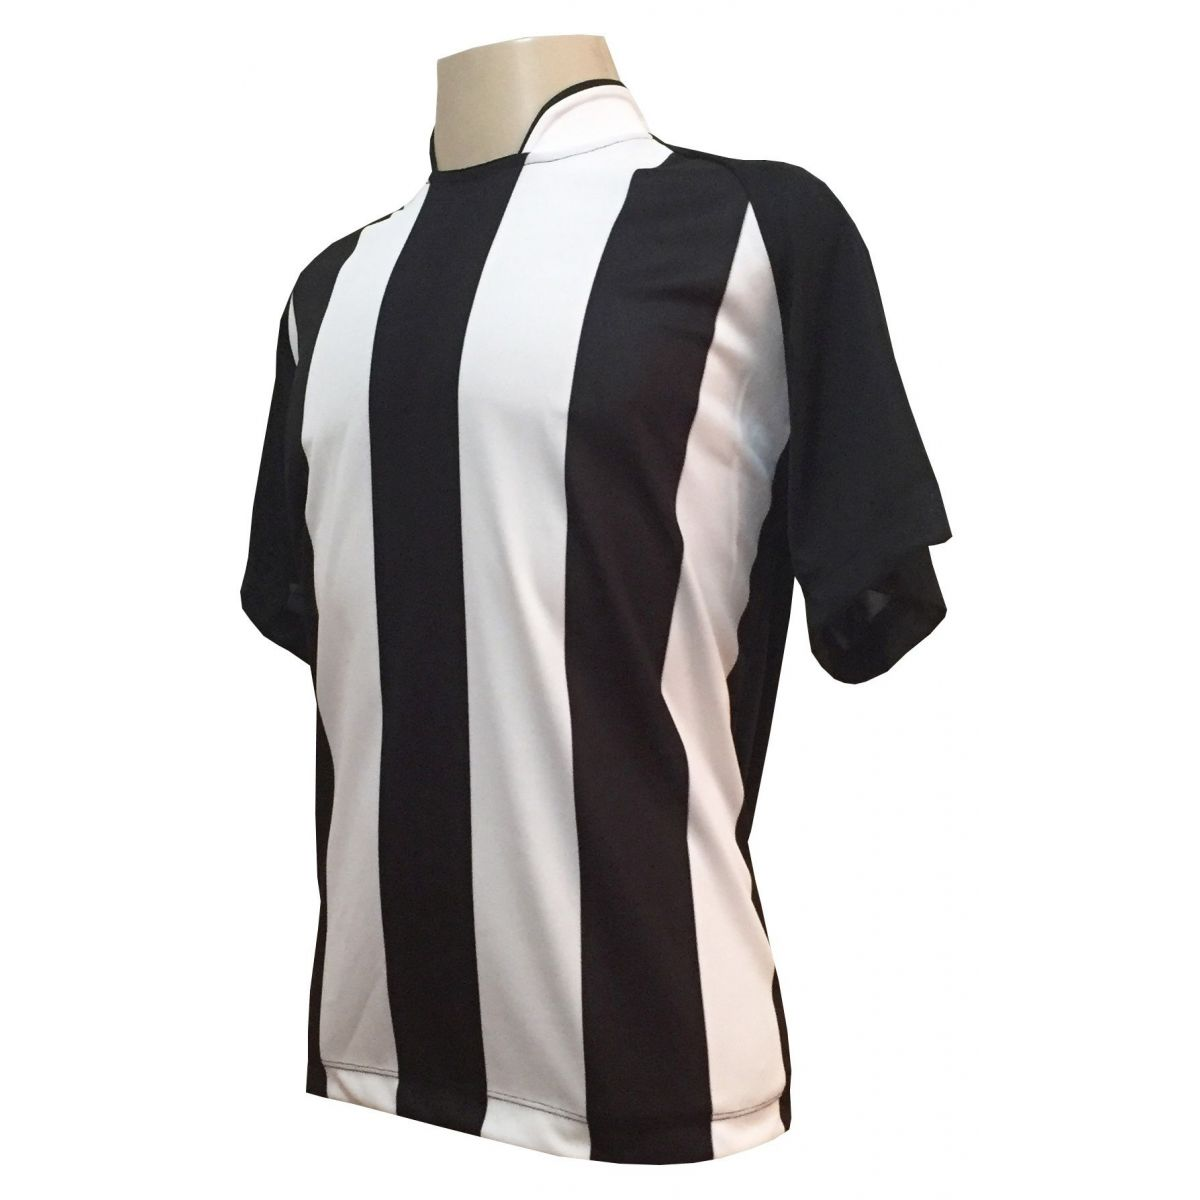 Uniforme Esportivo com 18 Camisas modelo Milan Preto/Branco + 18 Calções modelo Madrid Branco